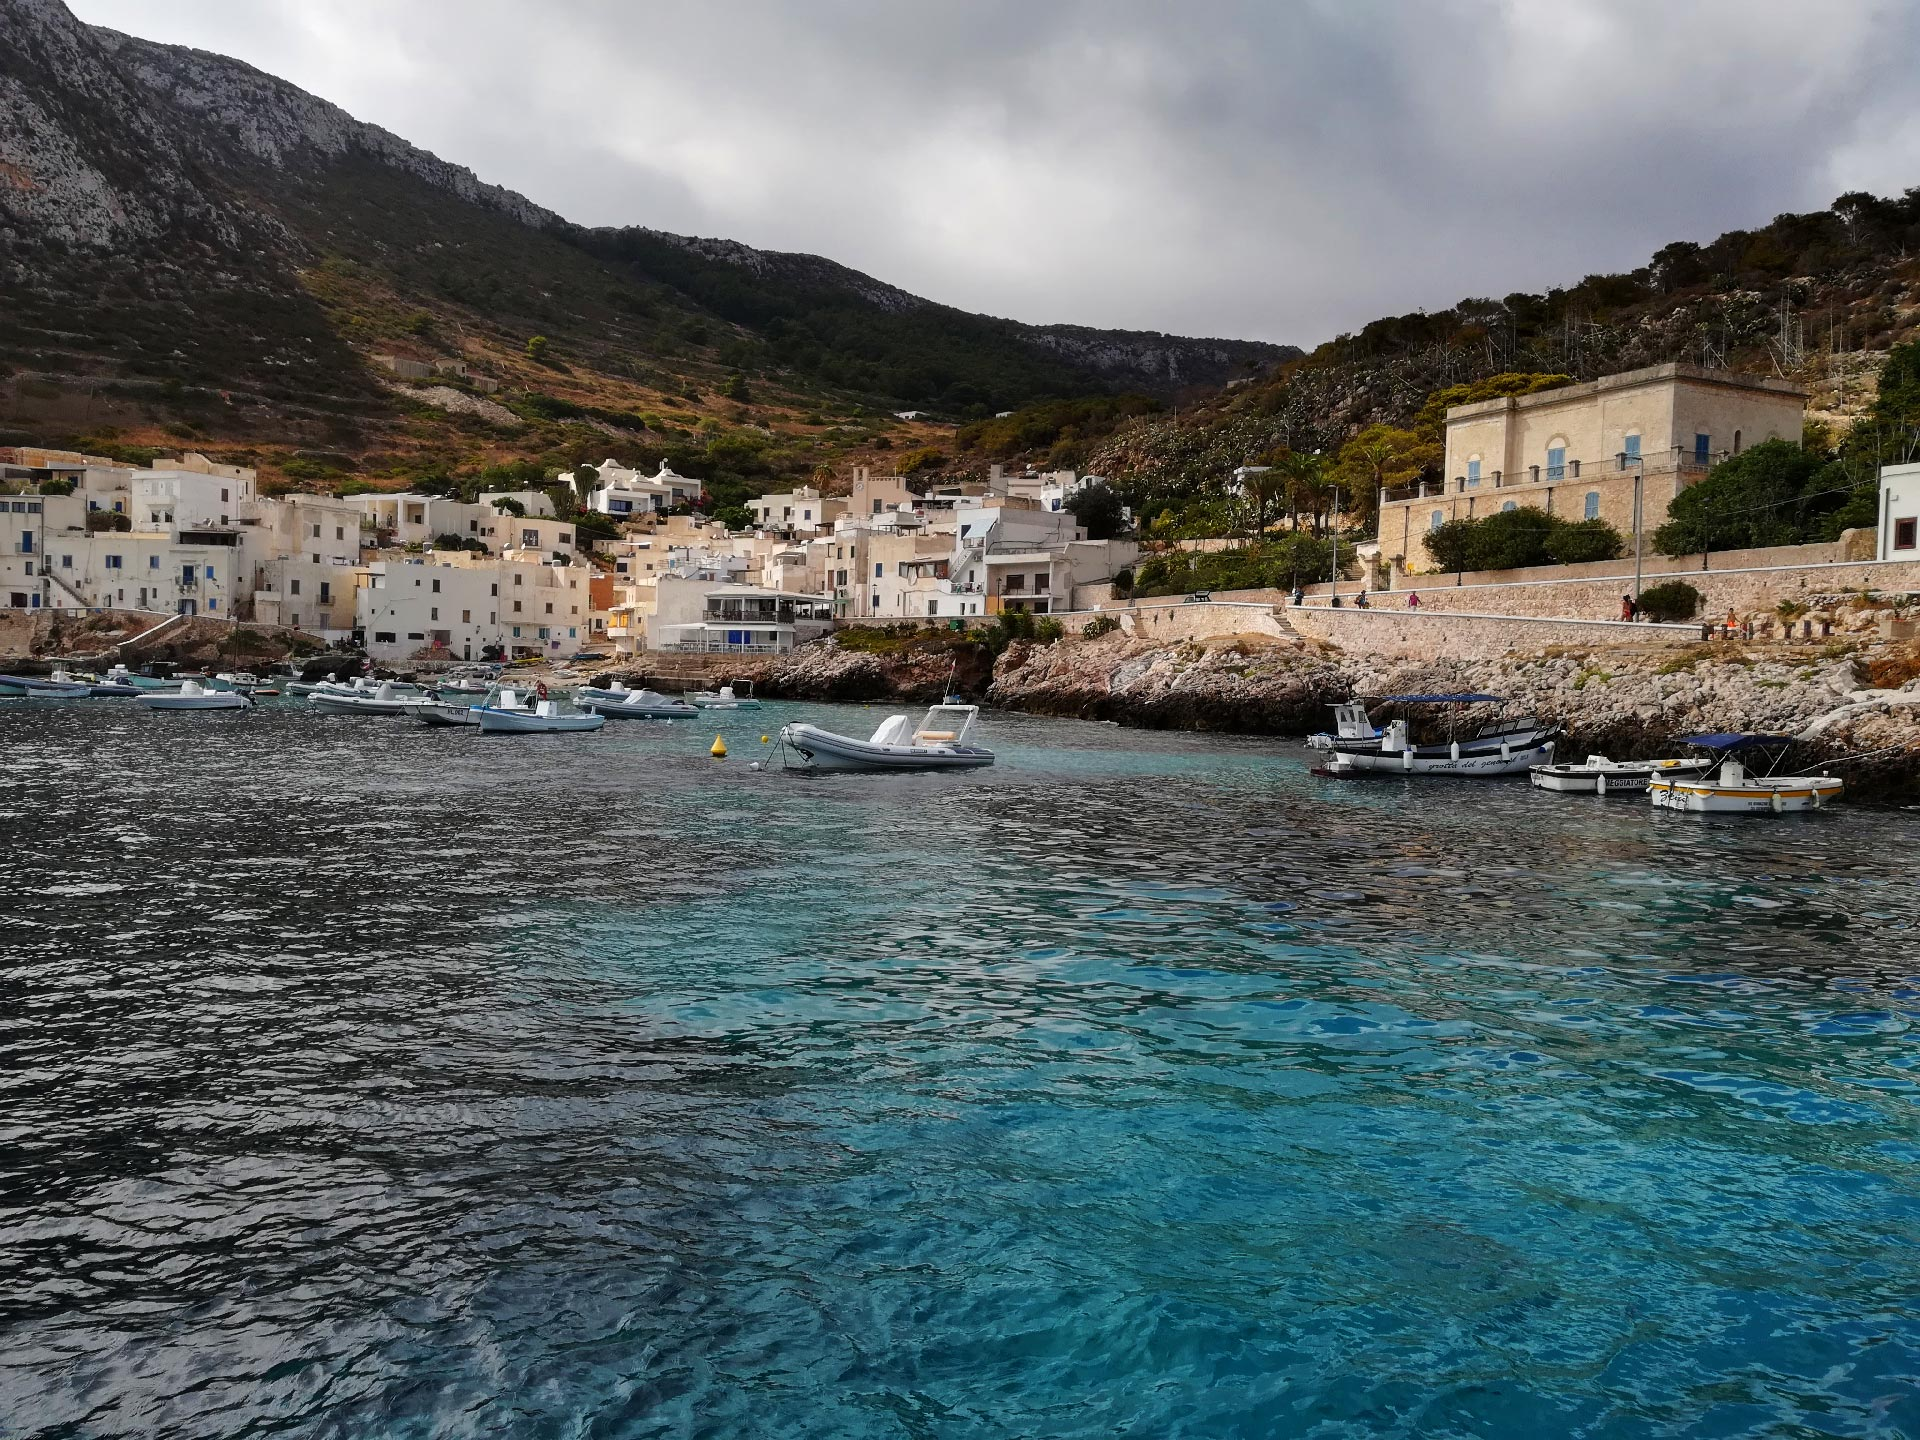 veduta sul porto di Levanzo, Trapani, Sicilia